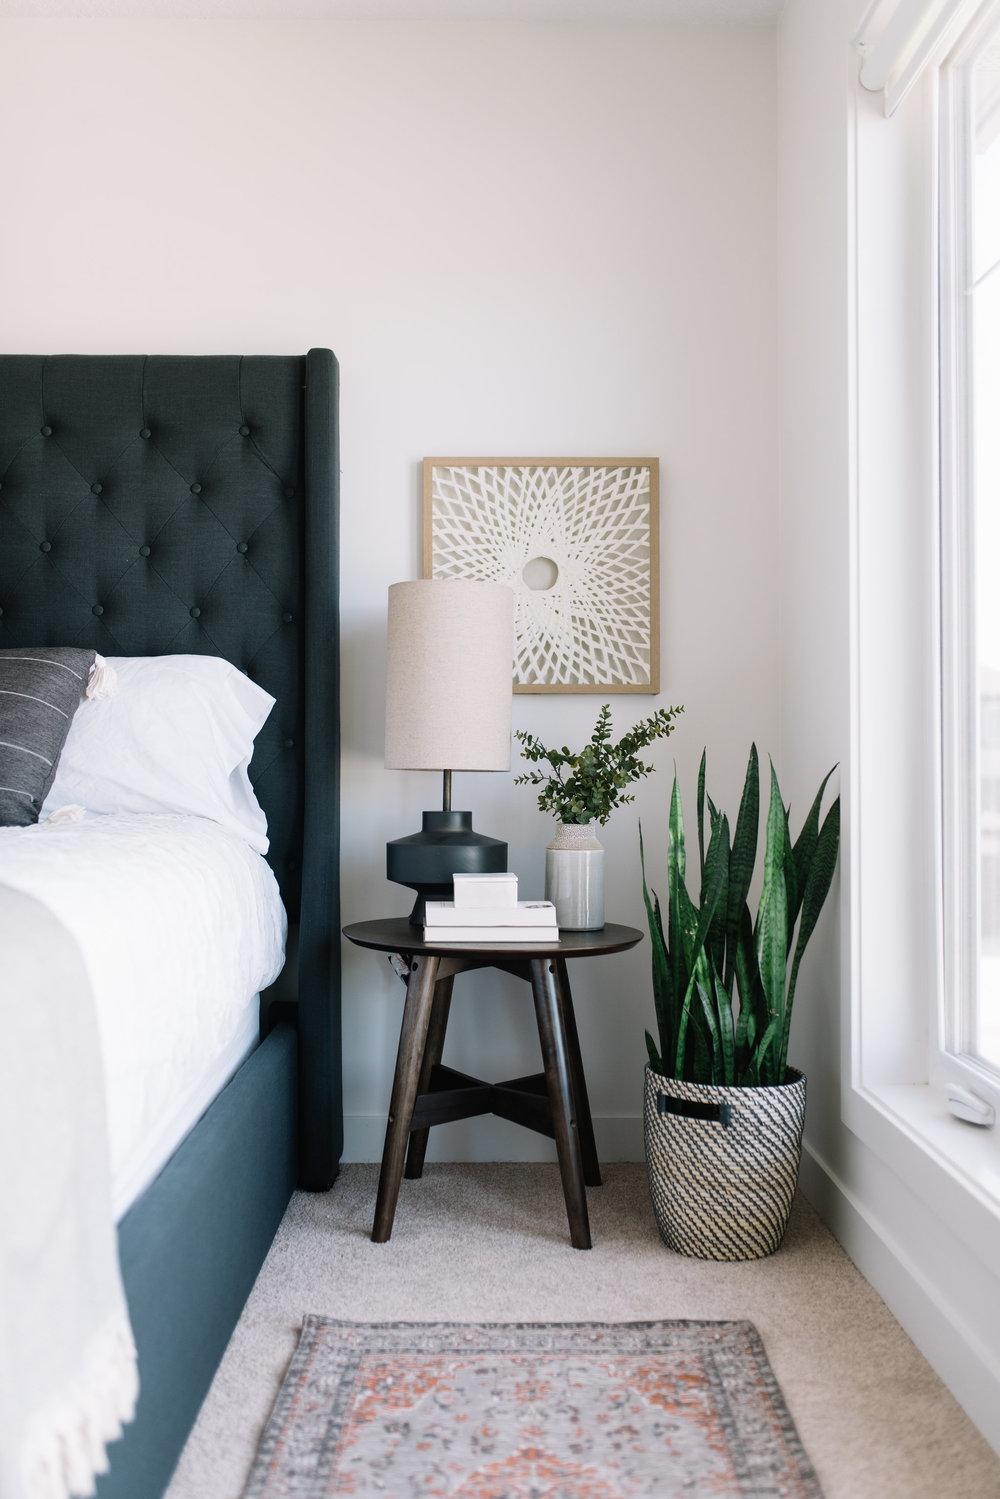 modern bedside table